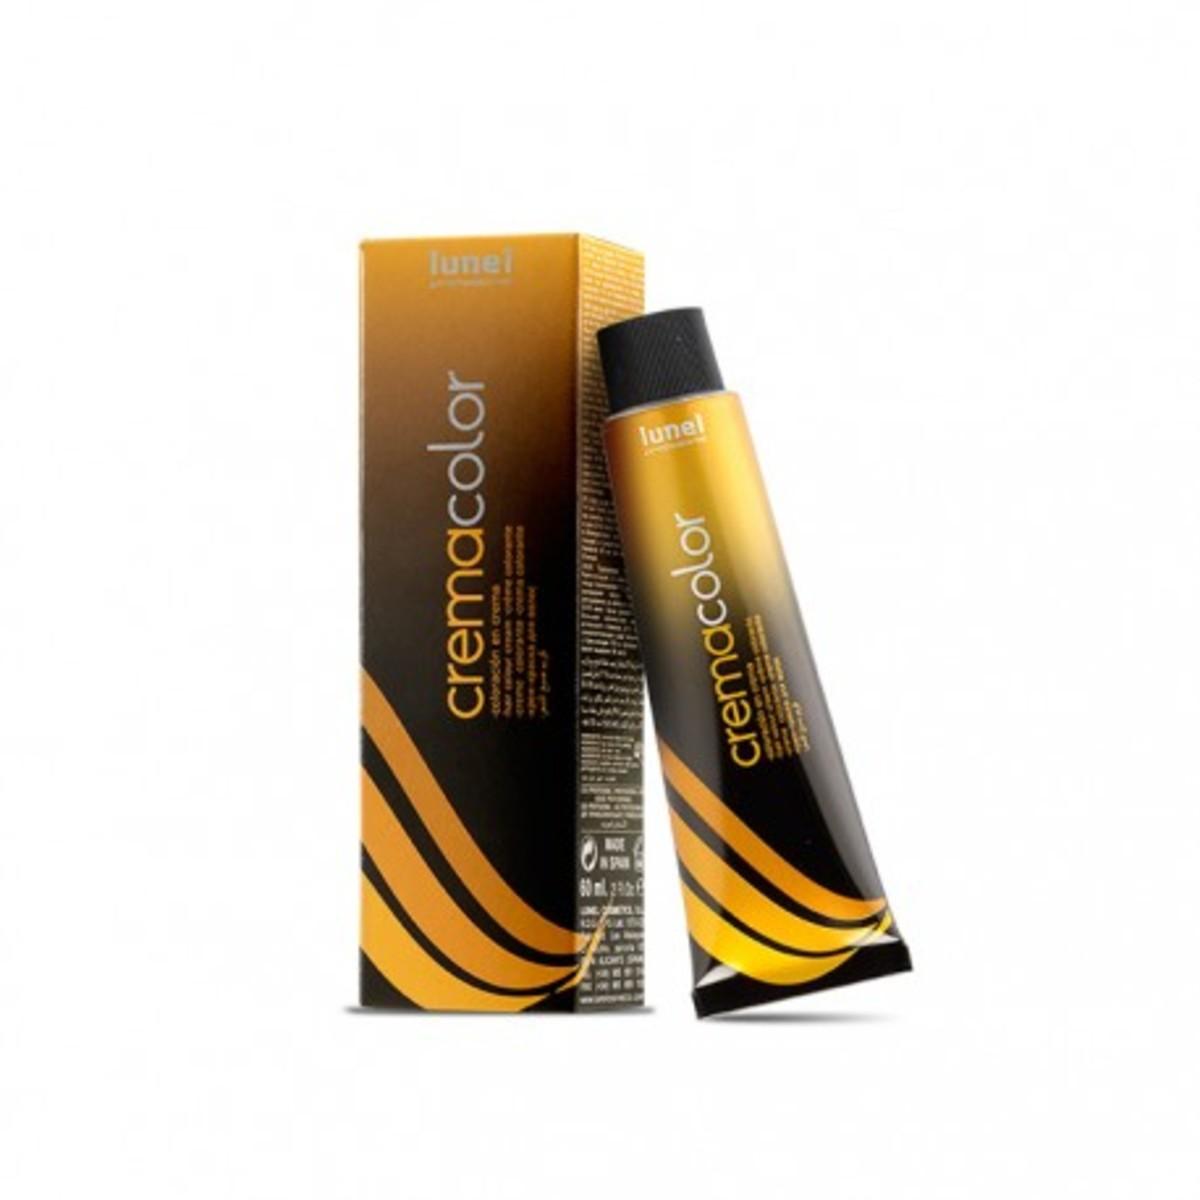 Tinte Lunel 6-0 Rubio Oscuro + Mini Oxidante